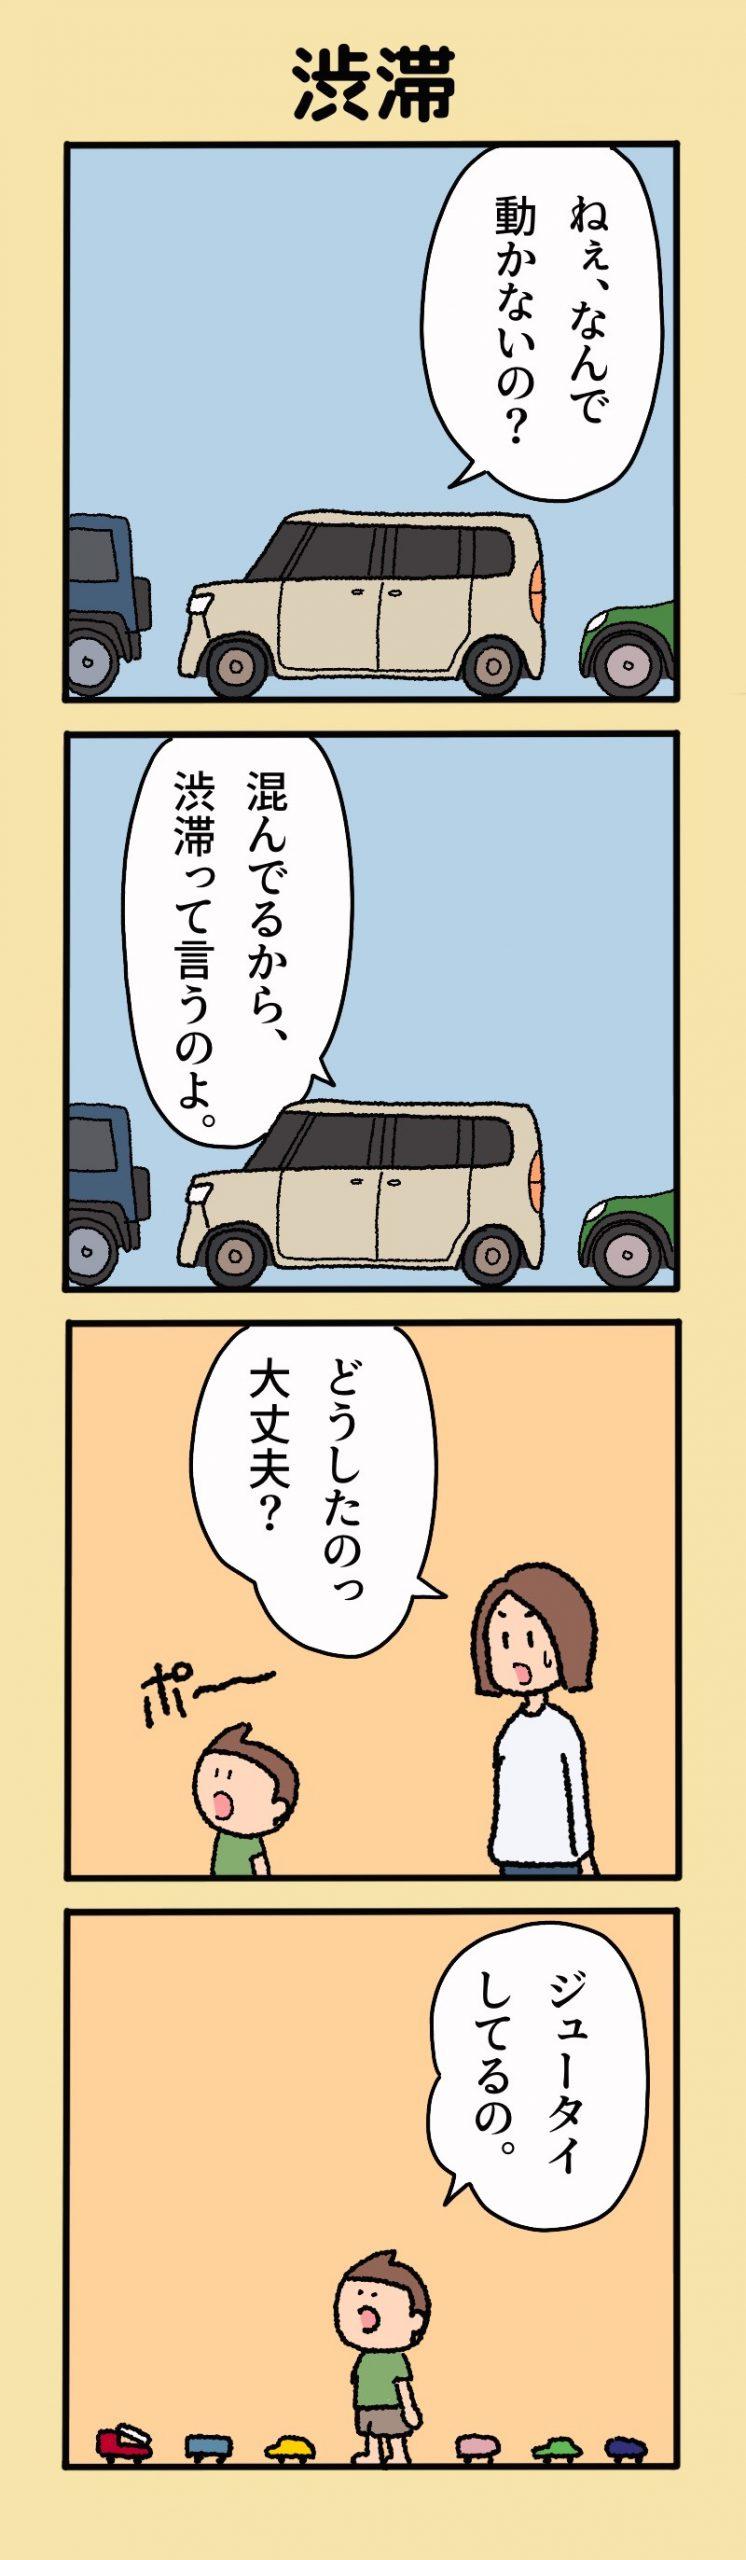 WEB漫画画像